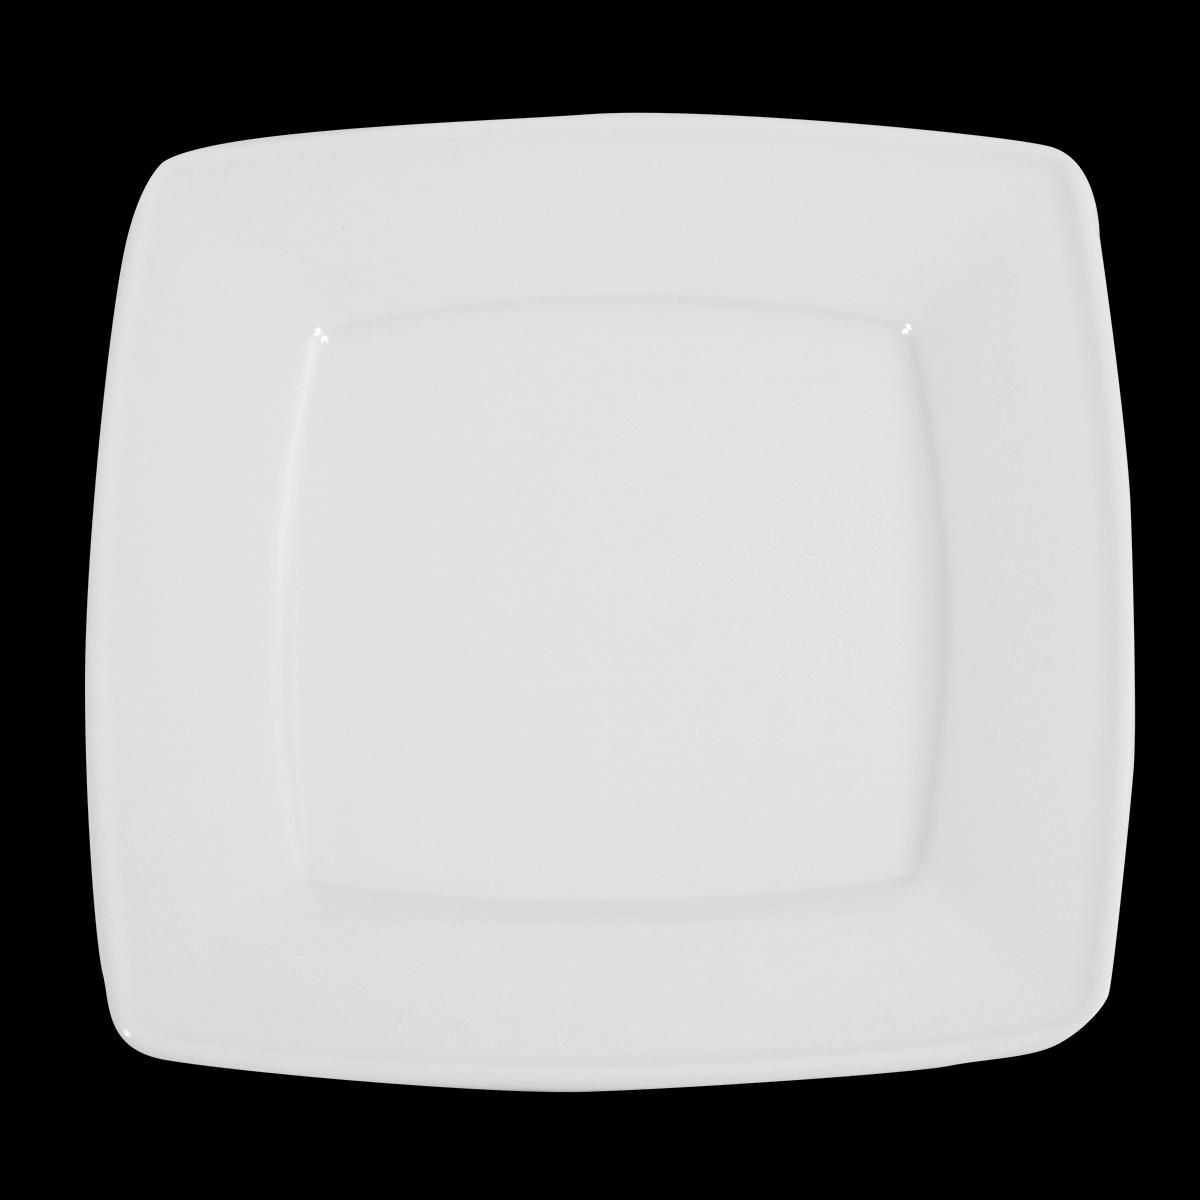 Menüteller Ambrassador, weiß, 26 cm